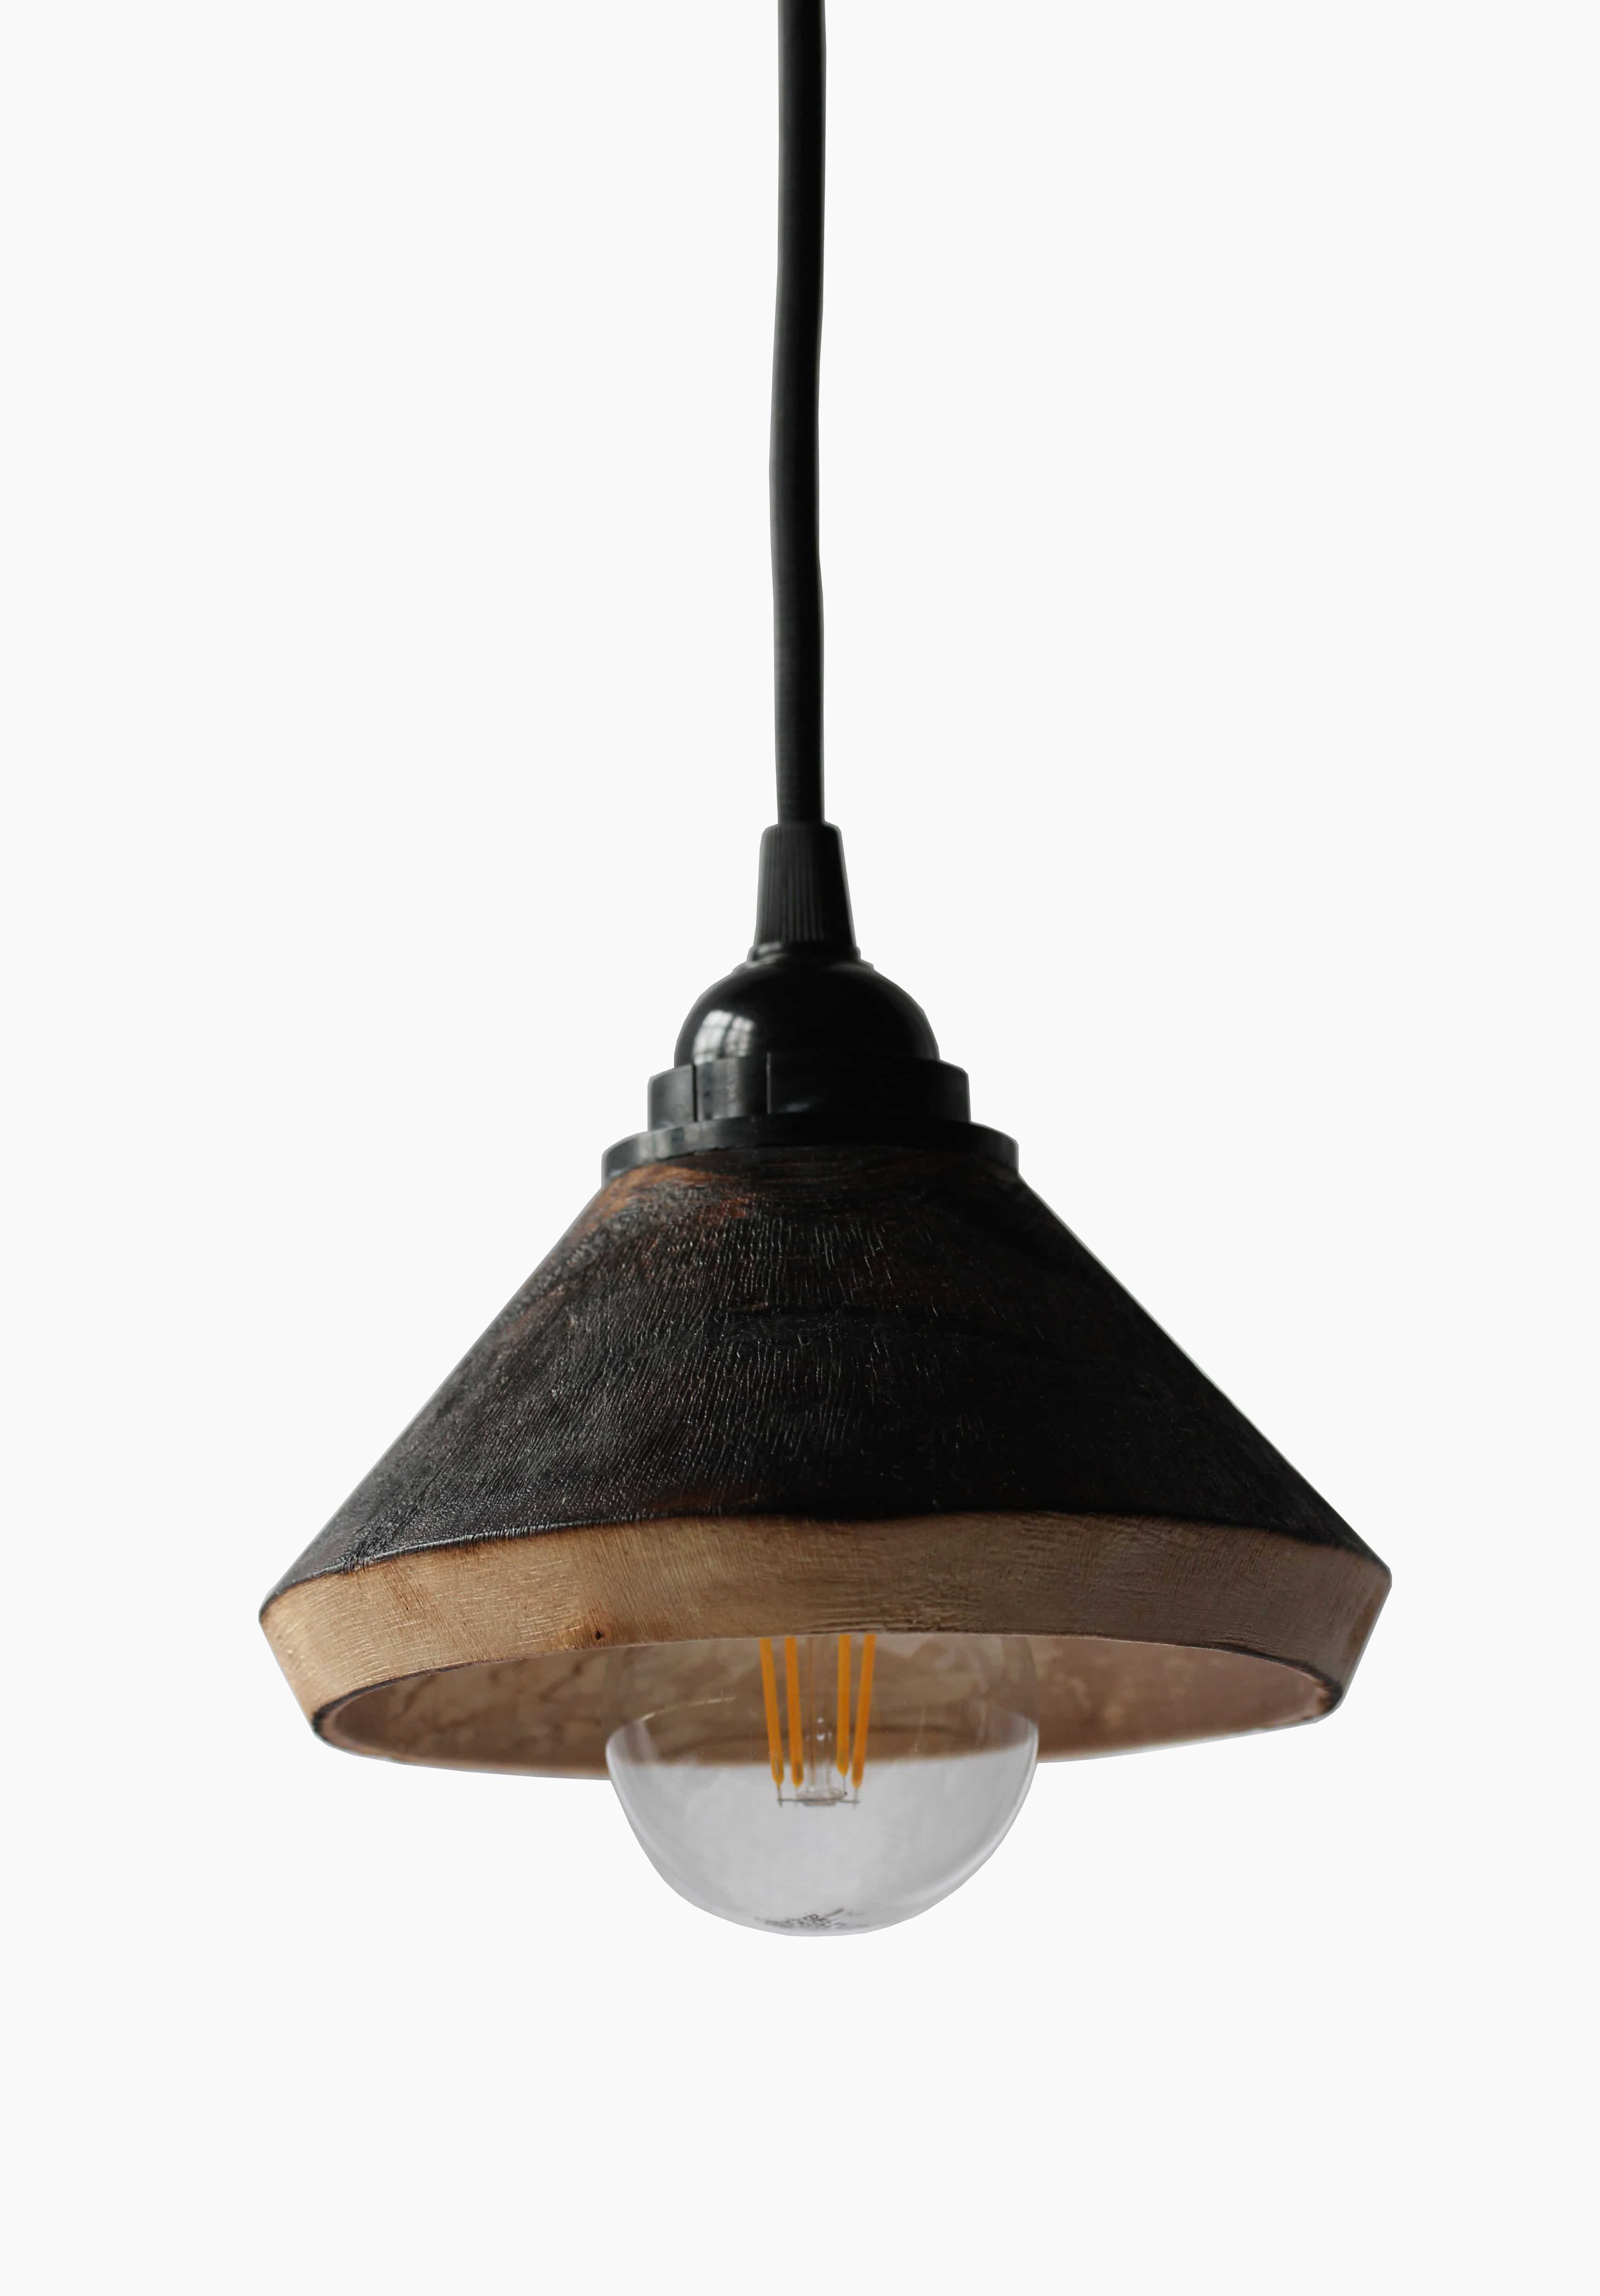 Plafonnier en bouleau Luminaires Décoration artisanale